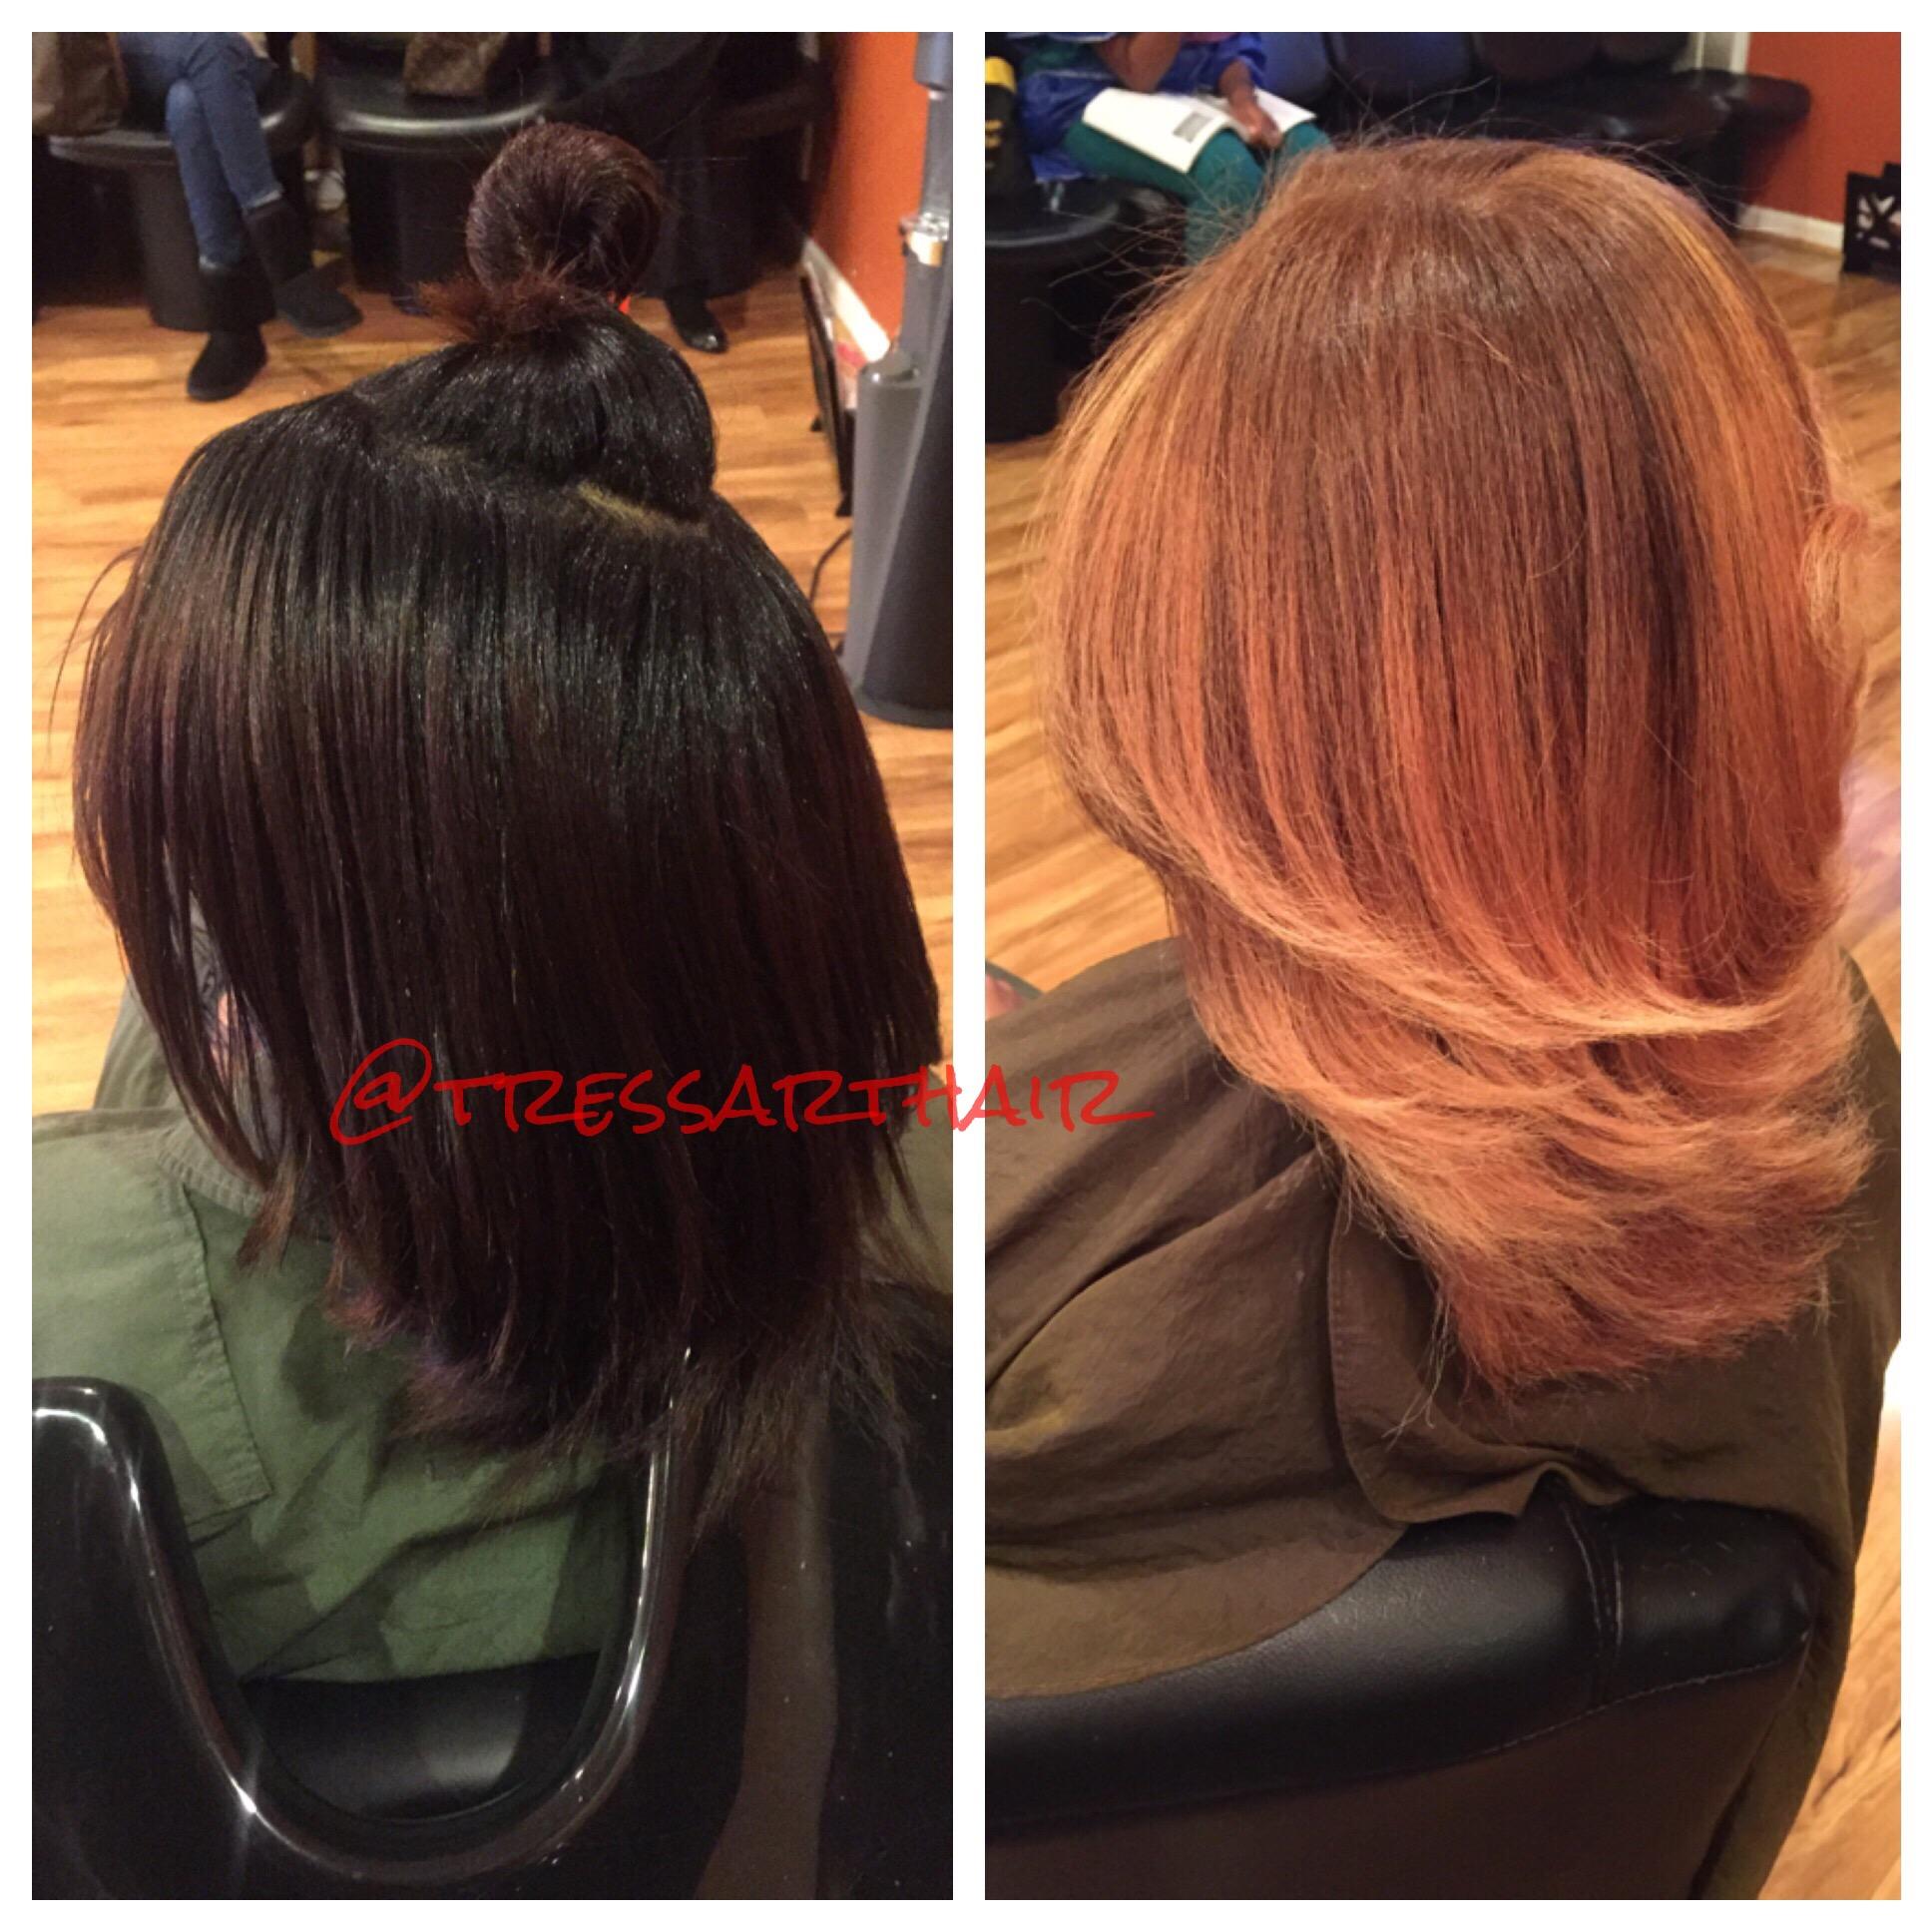 Natural hair. Base change and Balayage highlights. Silk press